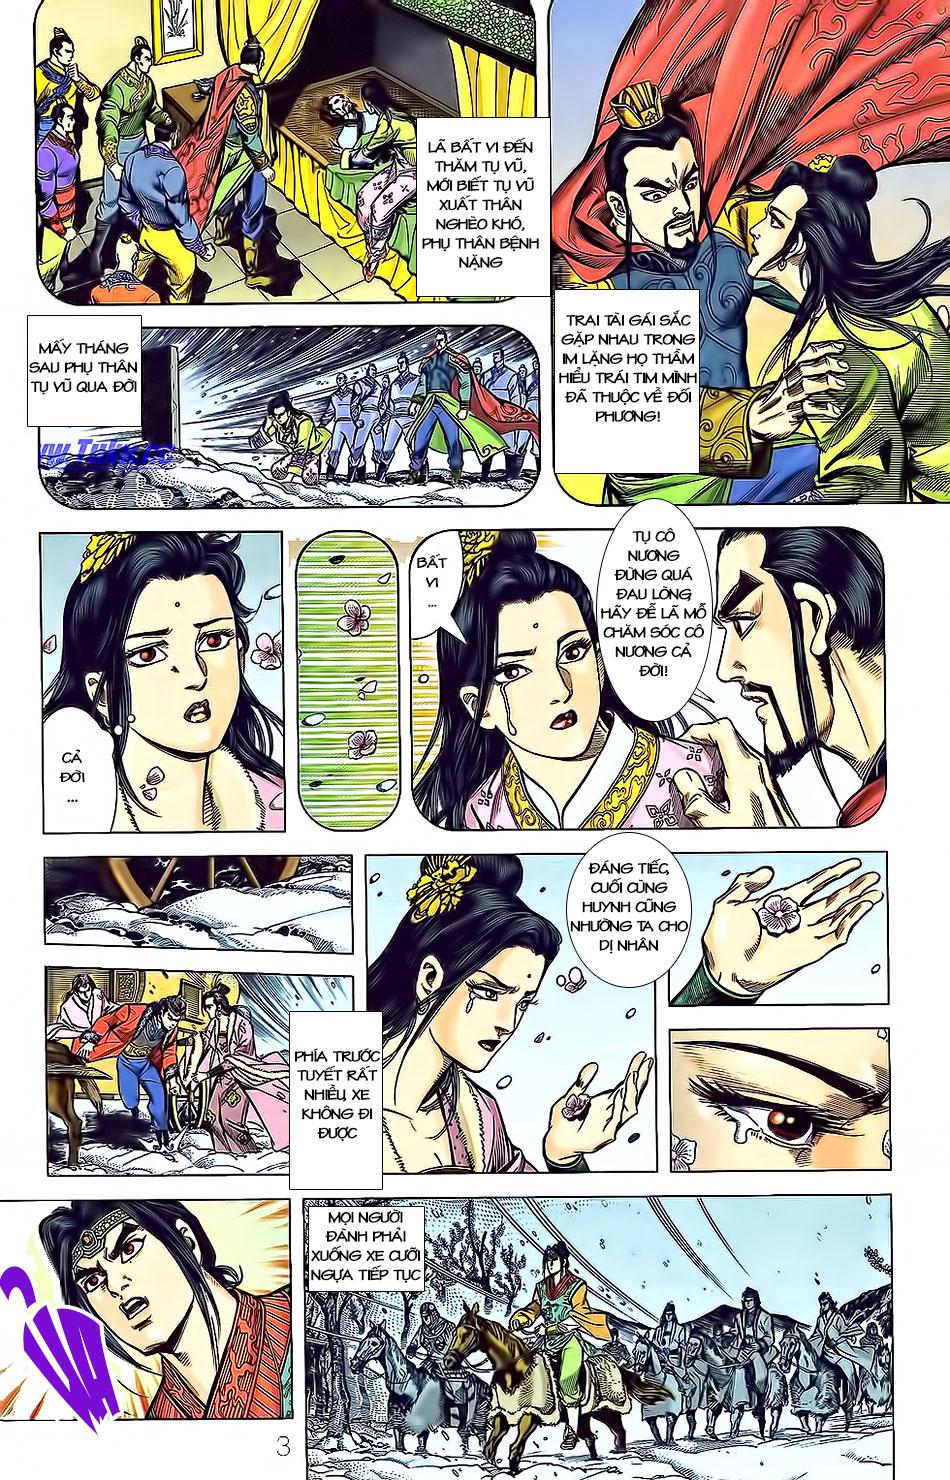 Tần Vương Doanh Chính chapter 3 trang 8